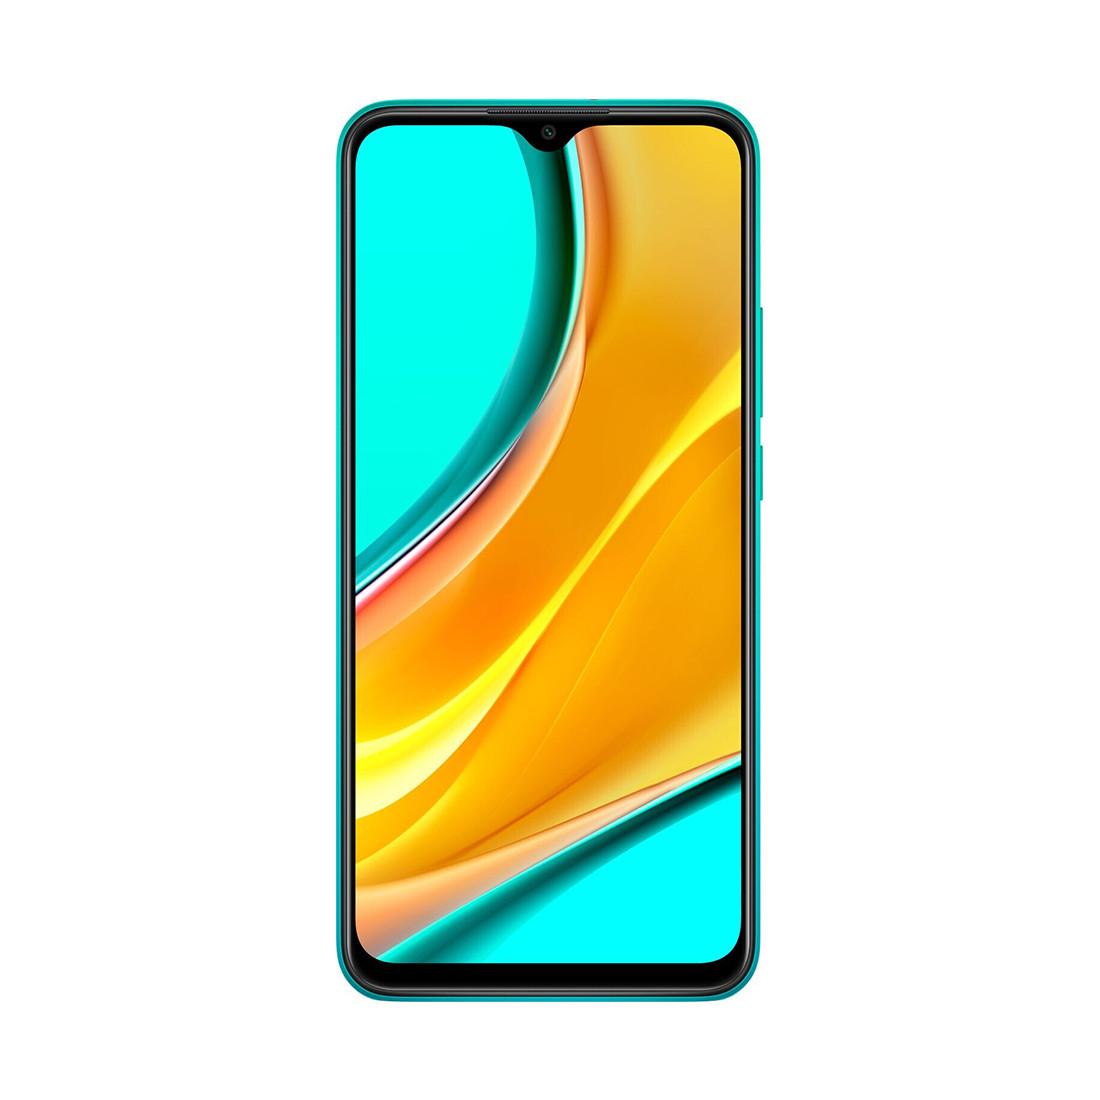 Мобильный телефон Xiaomi Redmi 9 64GB Ocean Green - фото 1